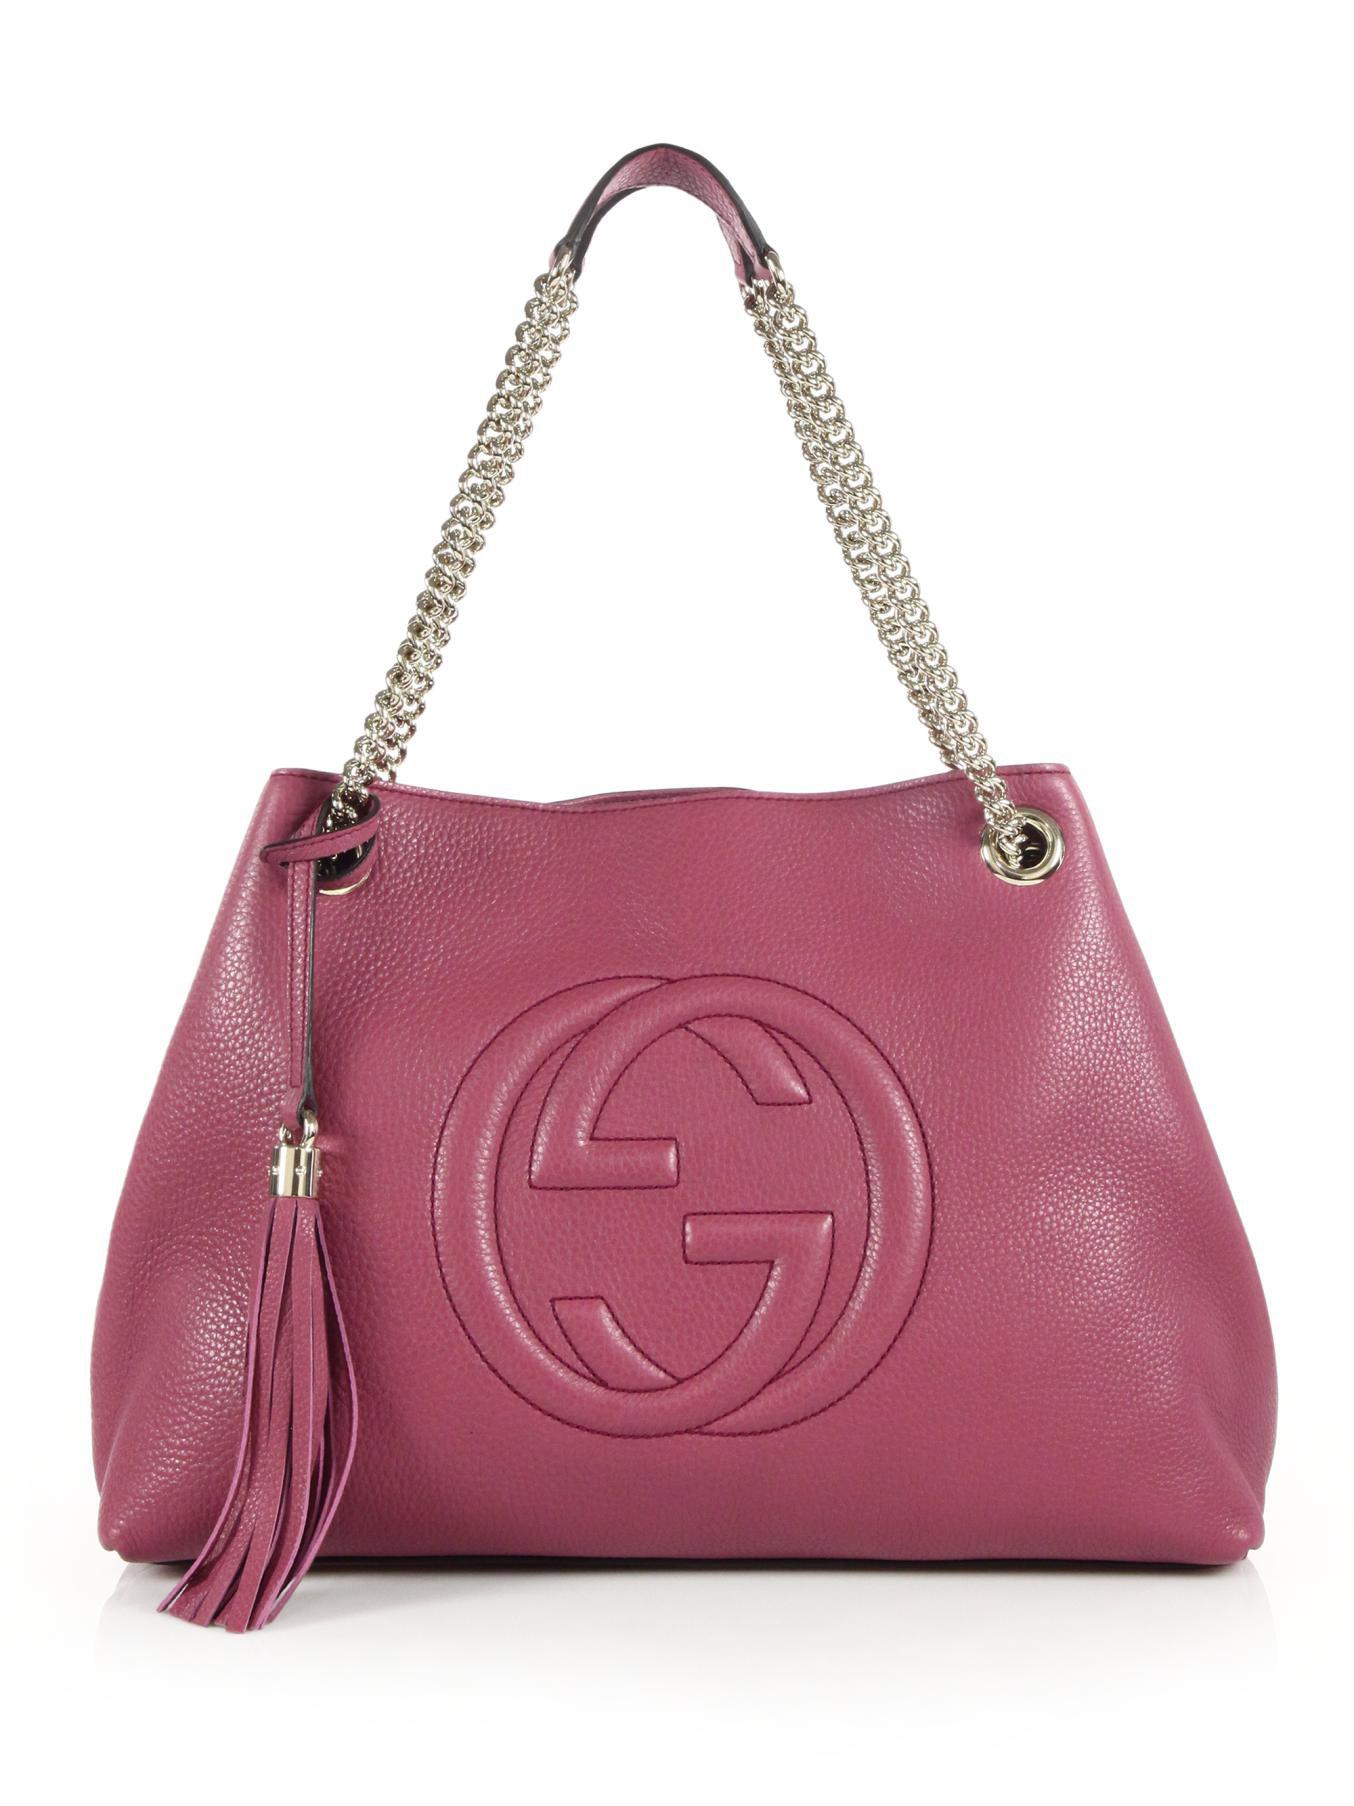 gucci soho leather shoulder bag in pink